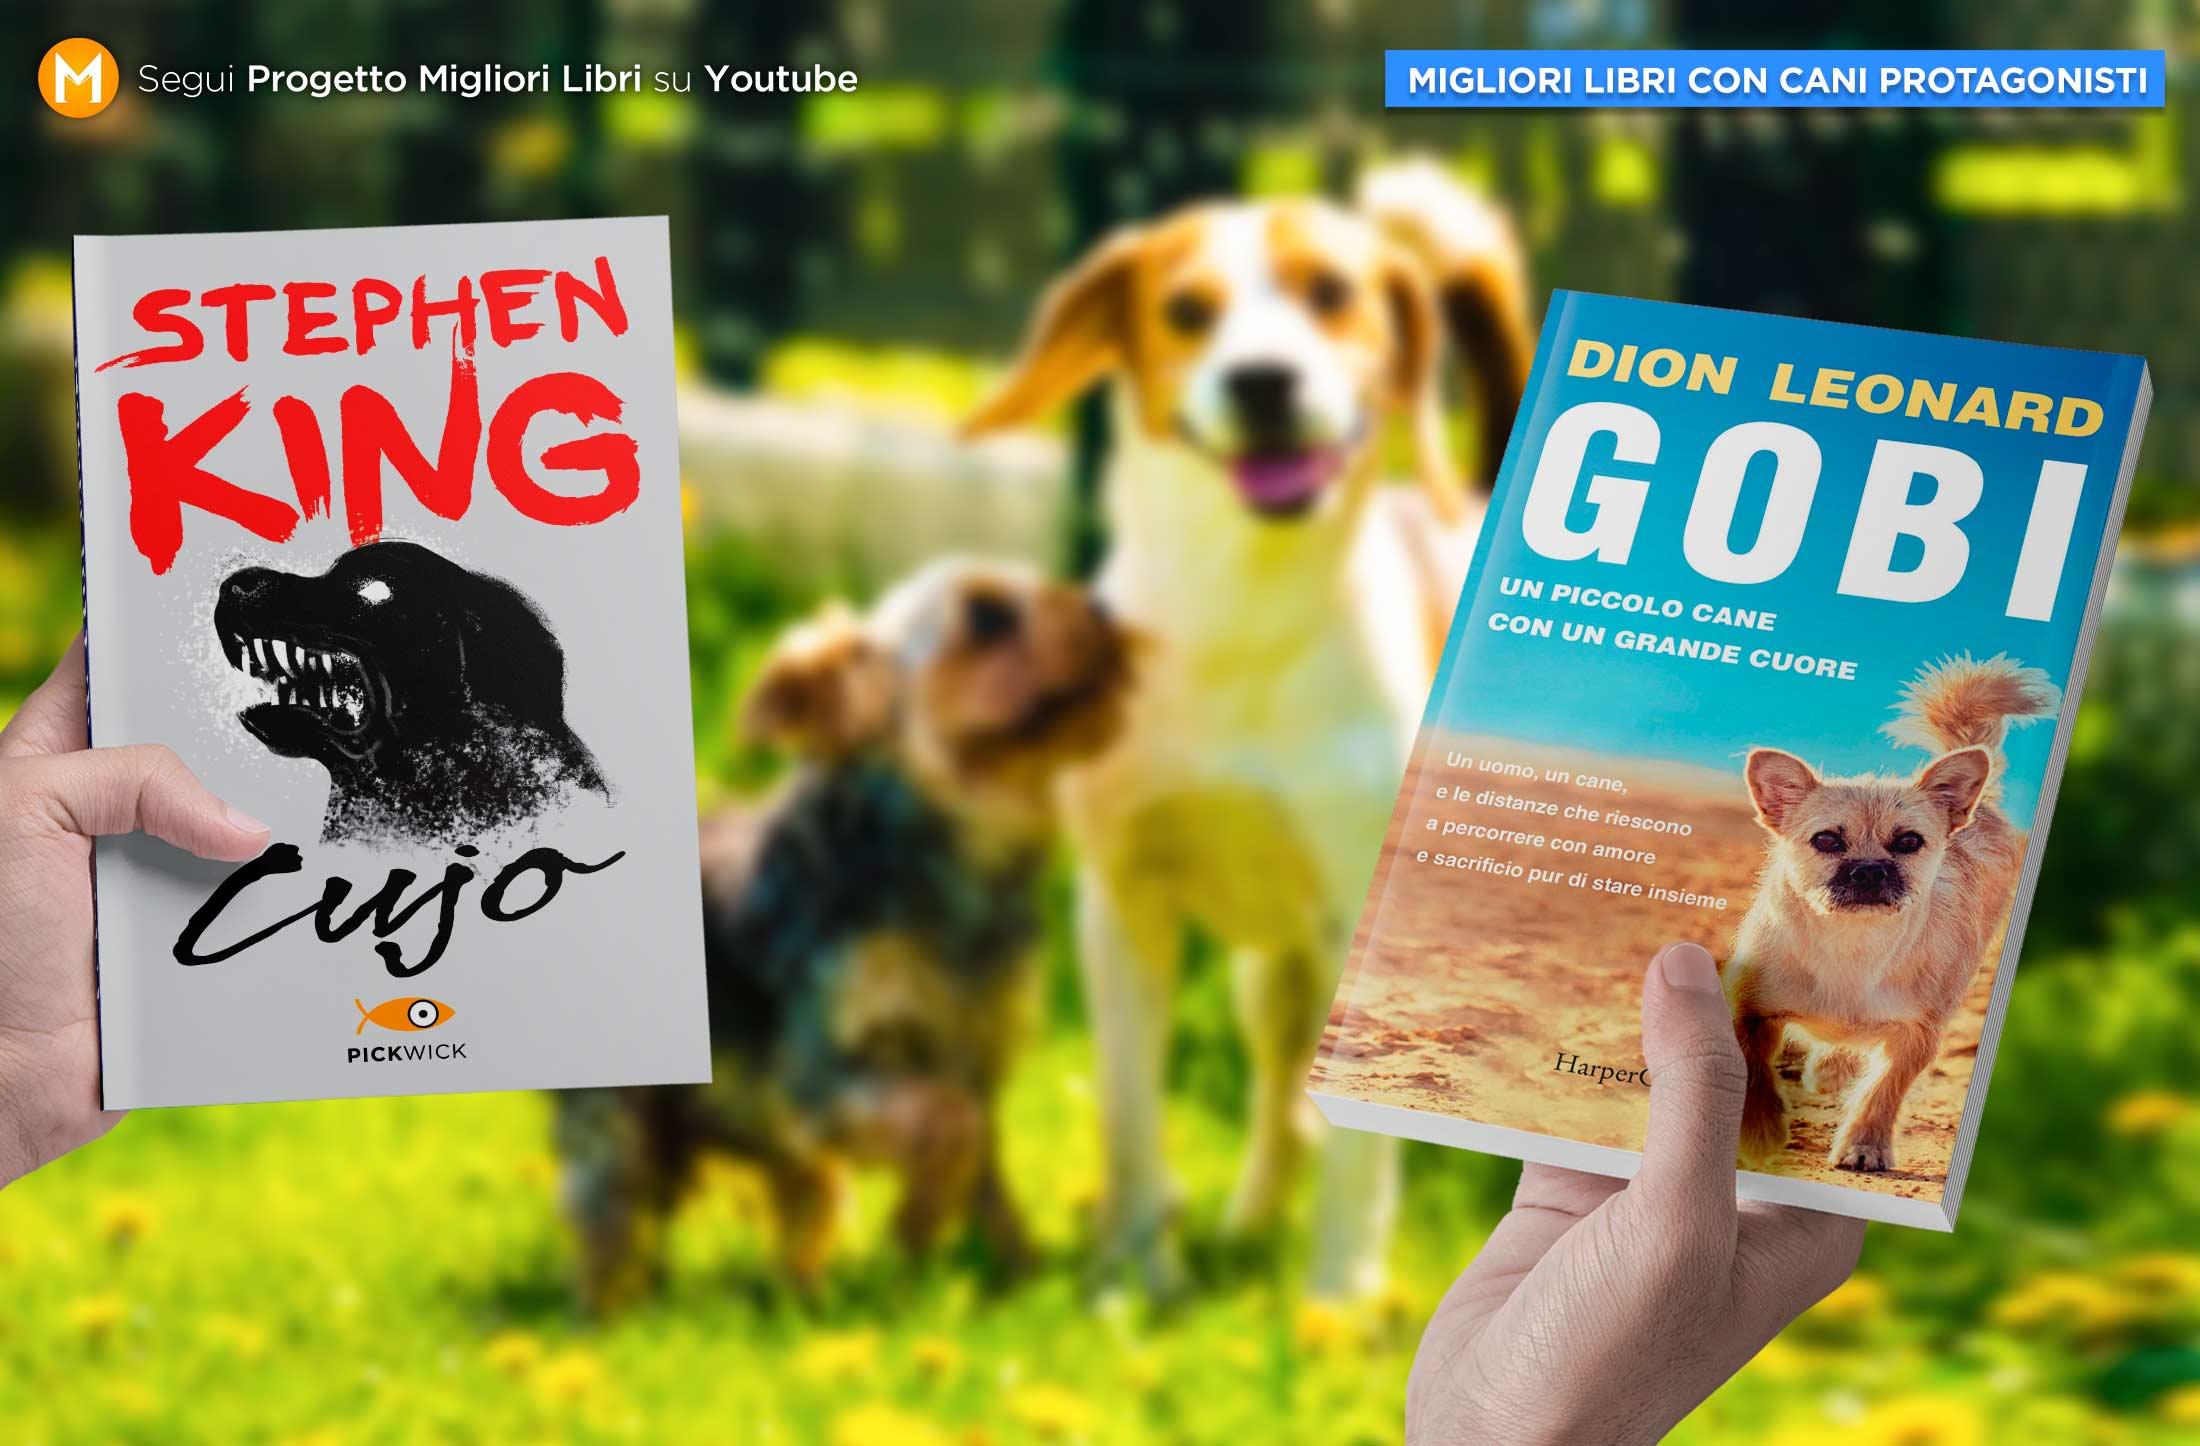 migliori-libri-con-cani-protagonisti